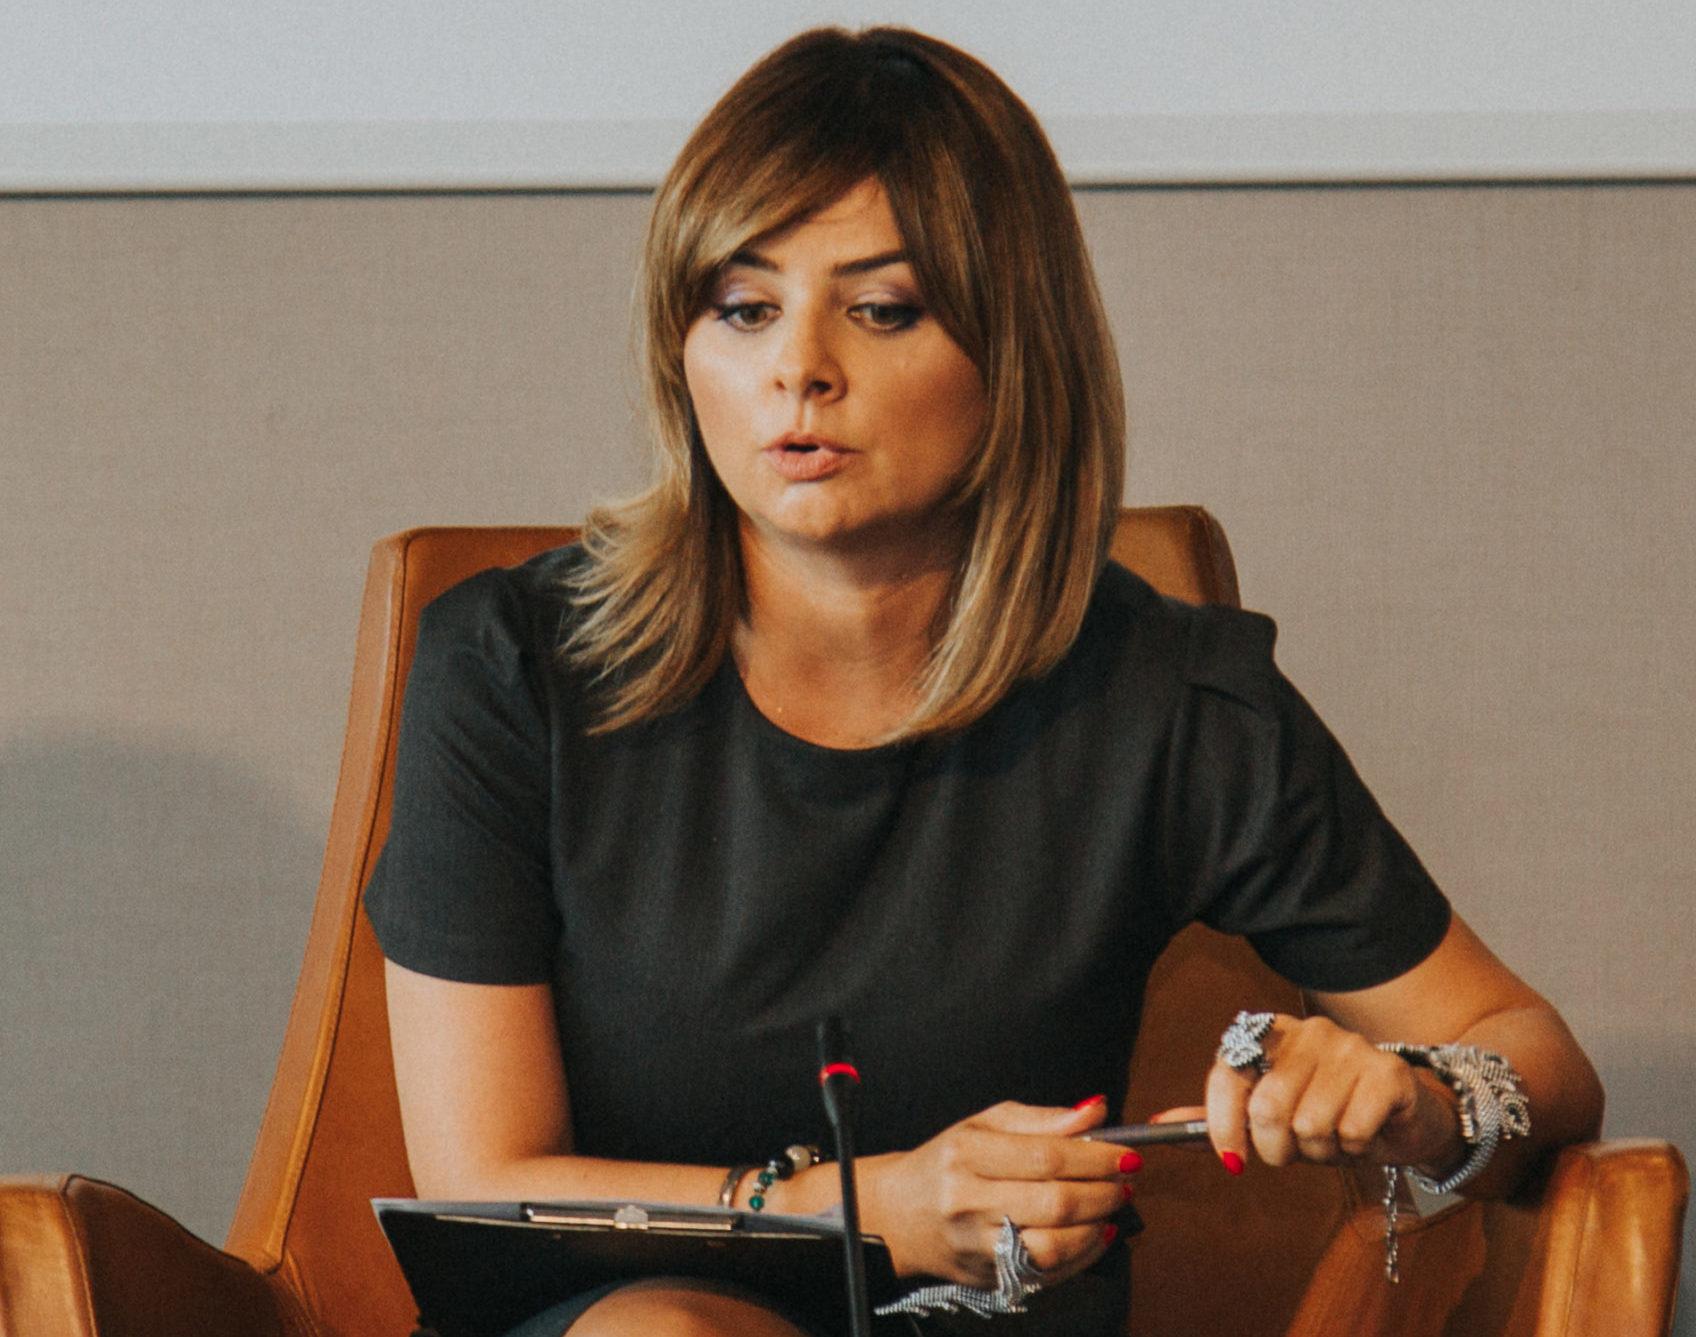 DALIBORKA ULJAREVIĆ, CENTAR ZA GRAĐANSKO OBRAZOVANJE: Struka prije političkog predznaka